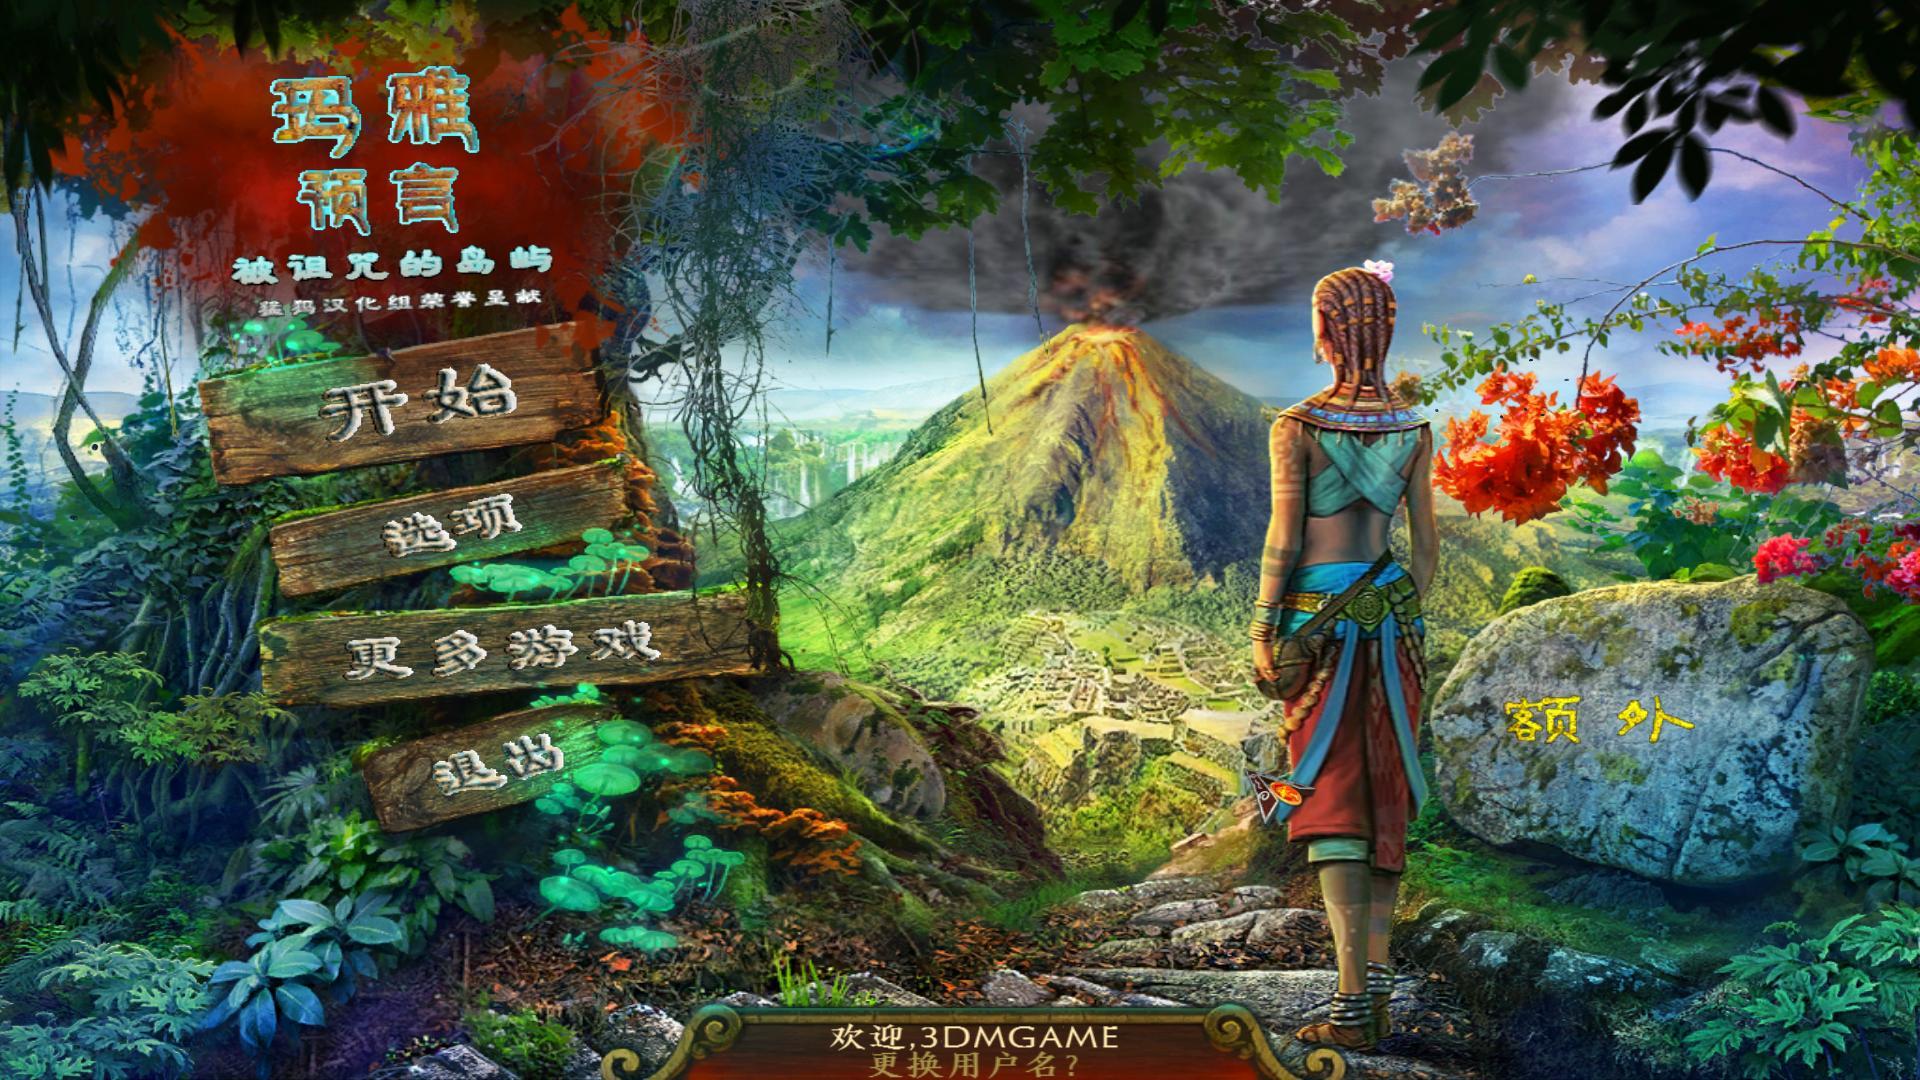 游戏大全 策略(slg) 玛雅 玛雅截图壁纸   玛雅预言2:被诅咒的岛屿